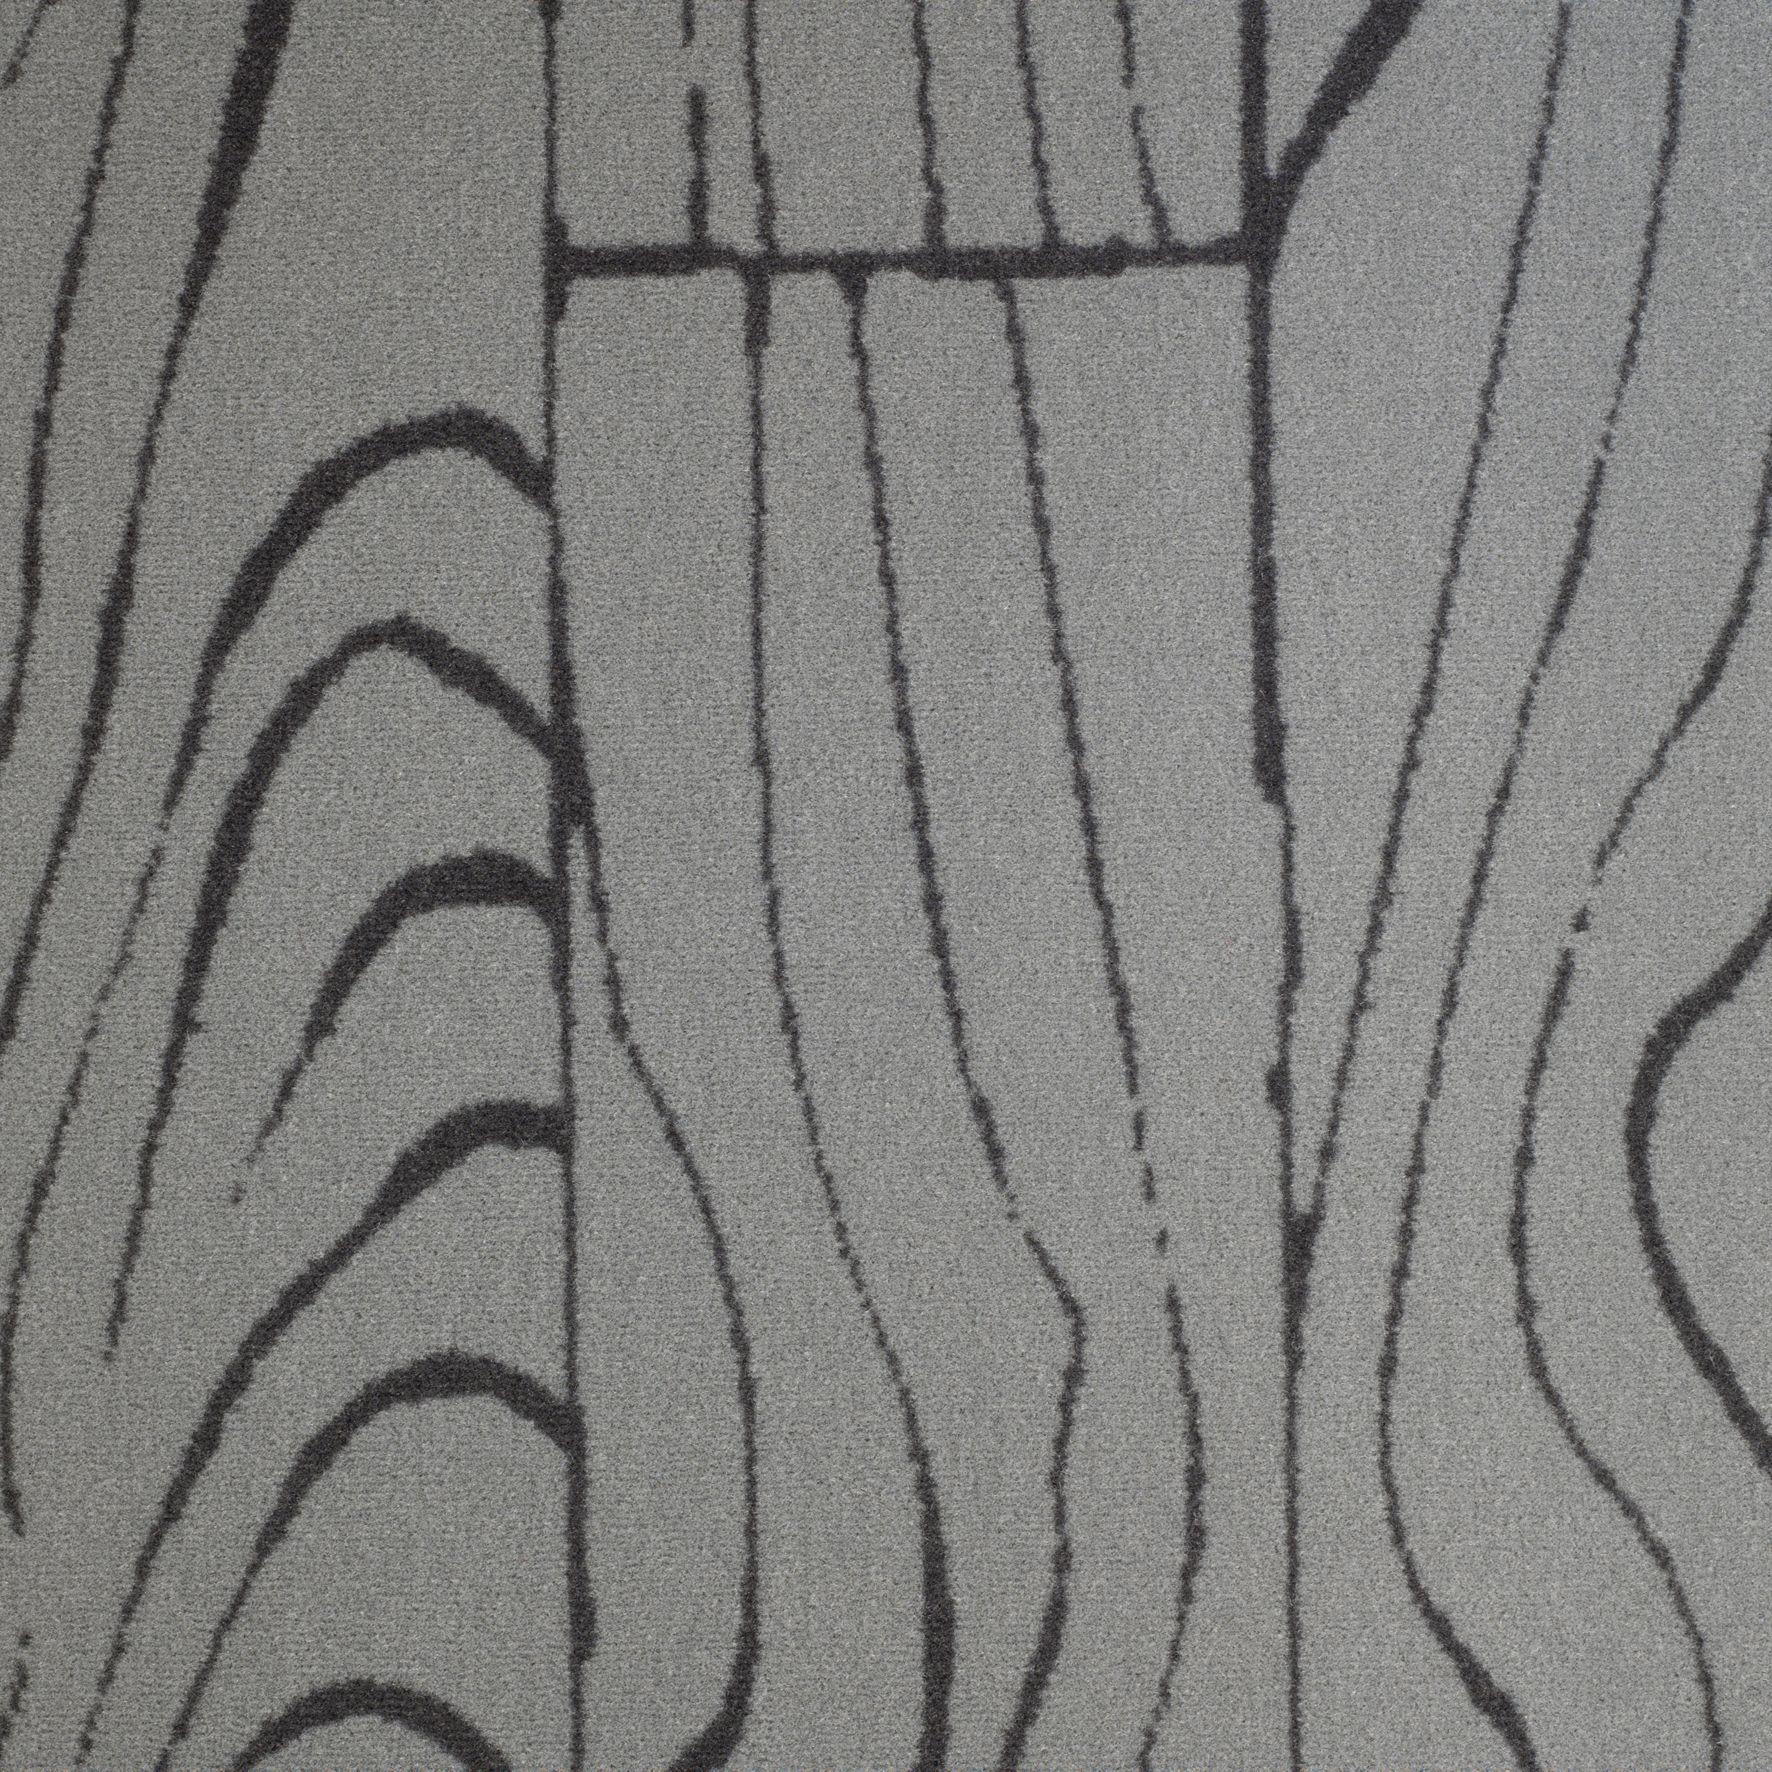 Catalogue des mod les de moquettes balsan dalle moquette et l moquette naturelle res for Moquette moderne